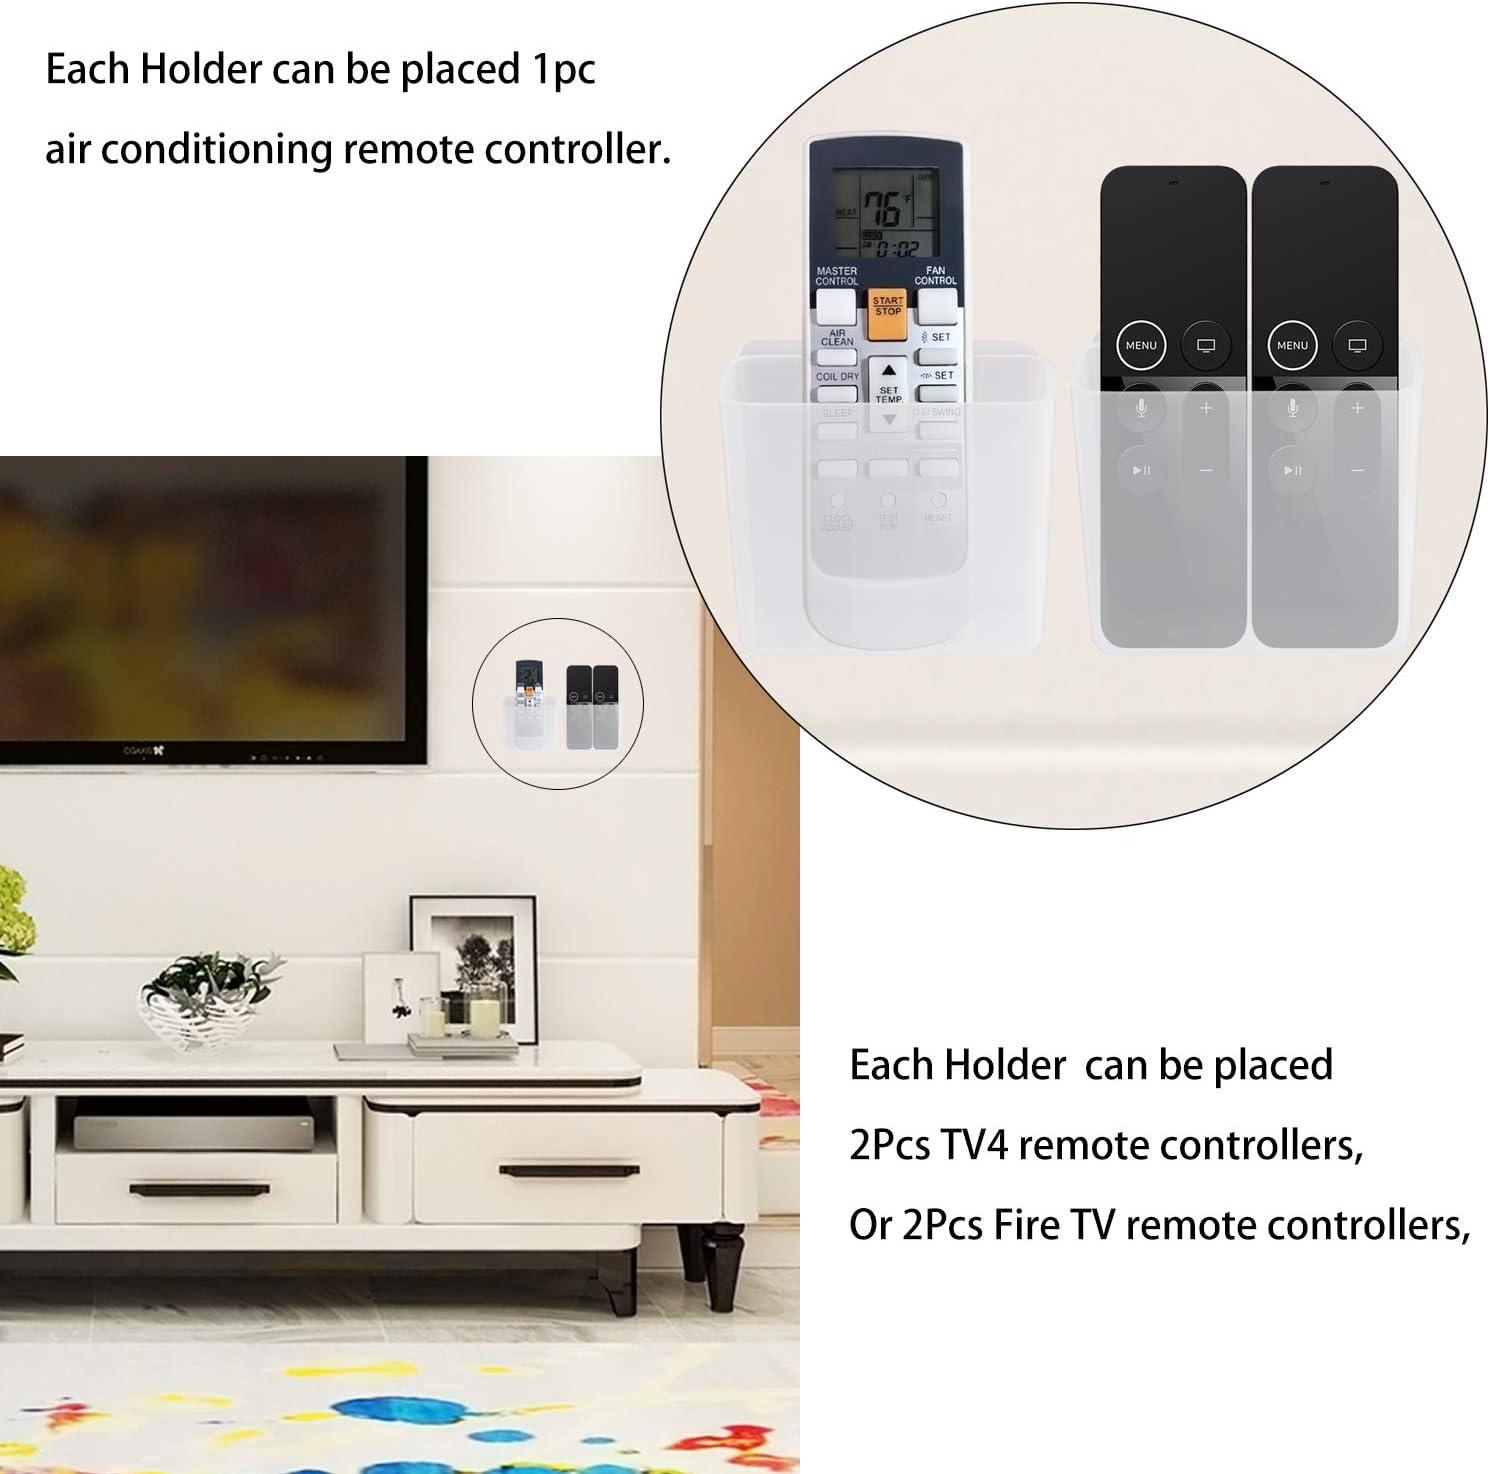 Pinowu - Soporte universal para mando a distancia, organizador de medios de montaje en pared, caja de almacenamiento autoadhesiva, accesorios de oficina Large transparente: Amazon.es: Electrónica